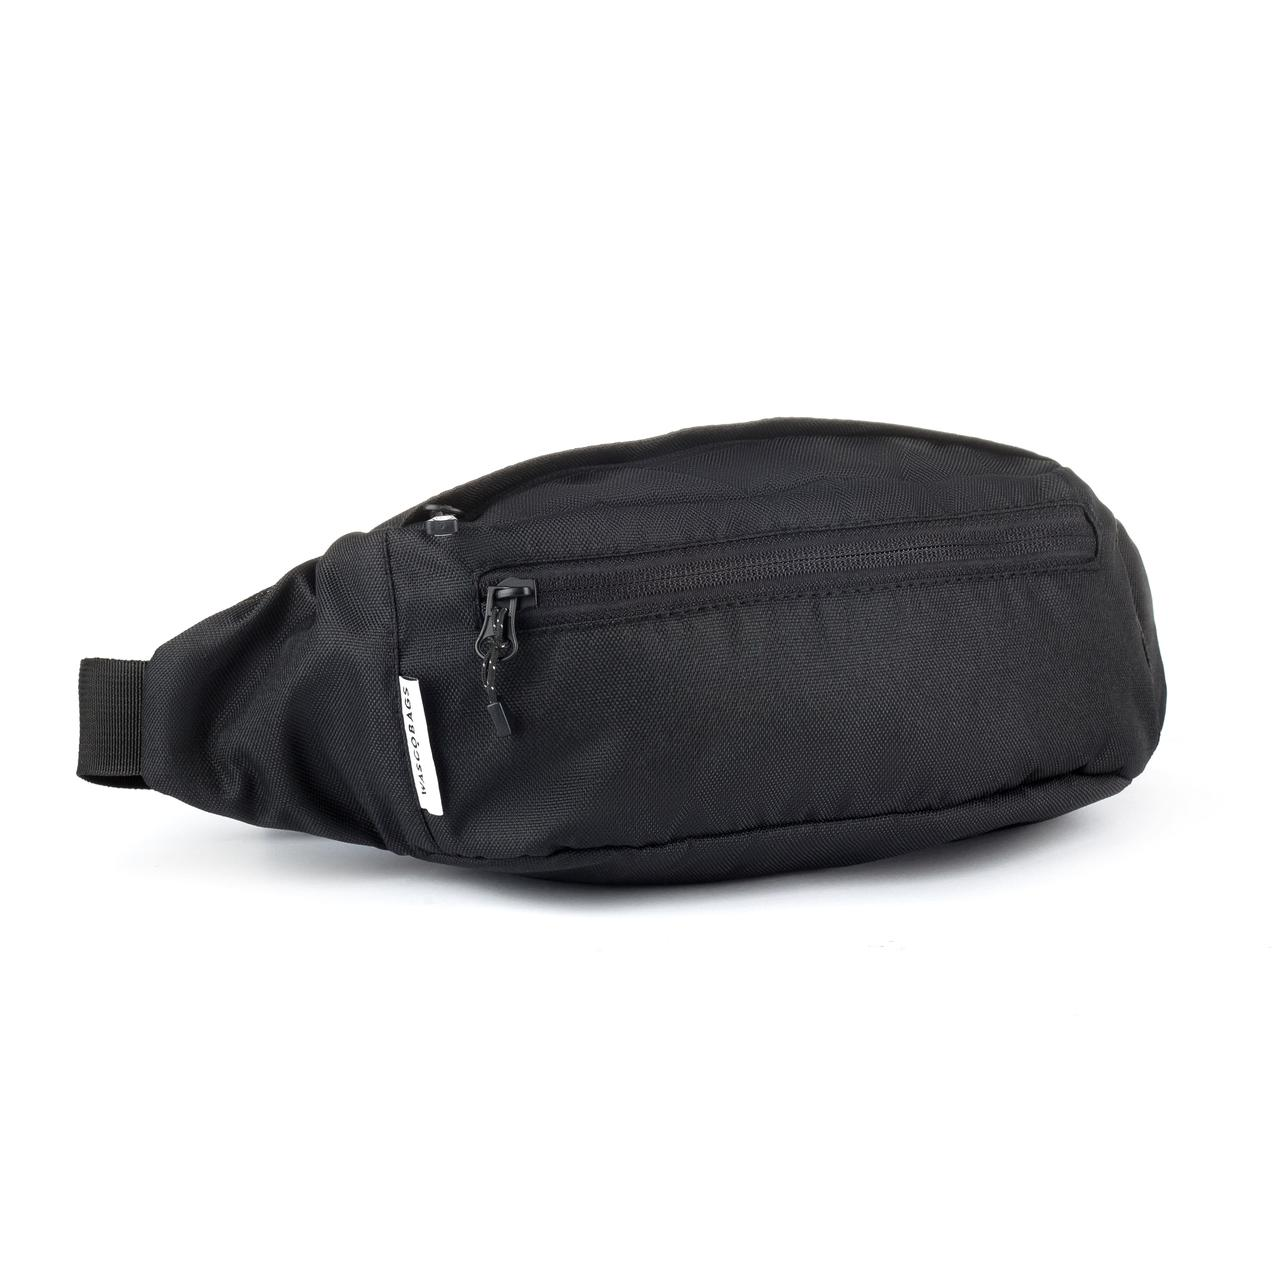 Поясная сумка Wascobags P2 Черный